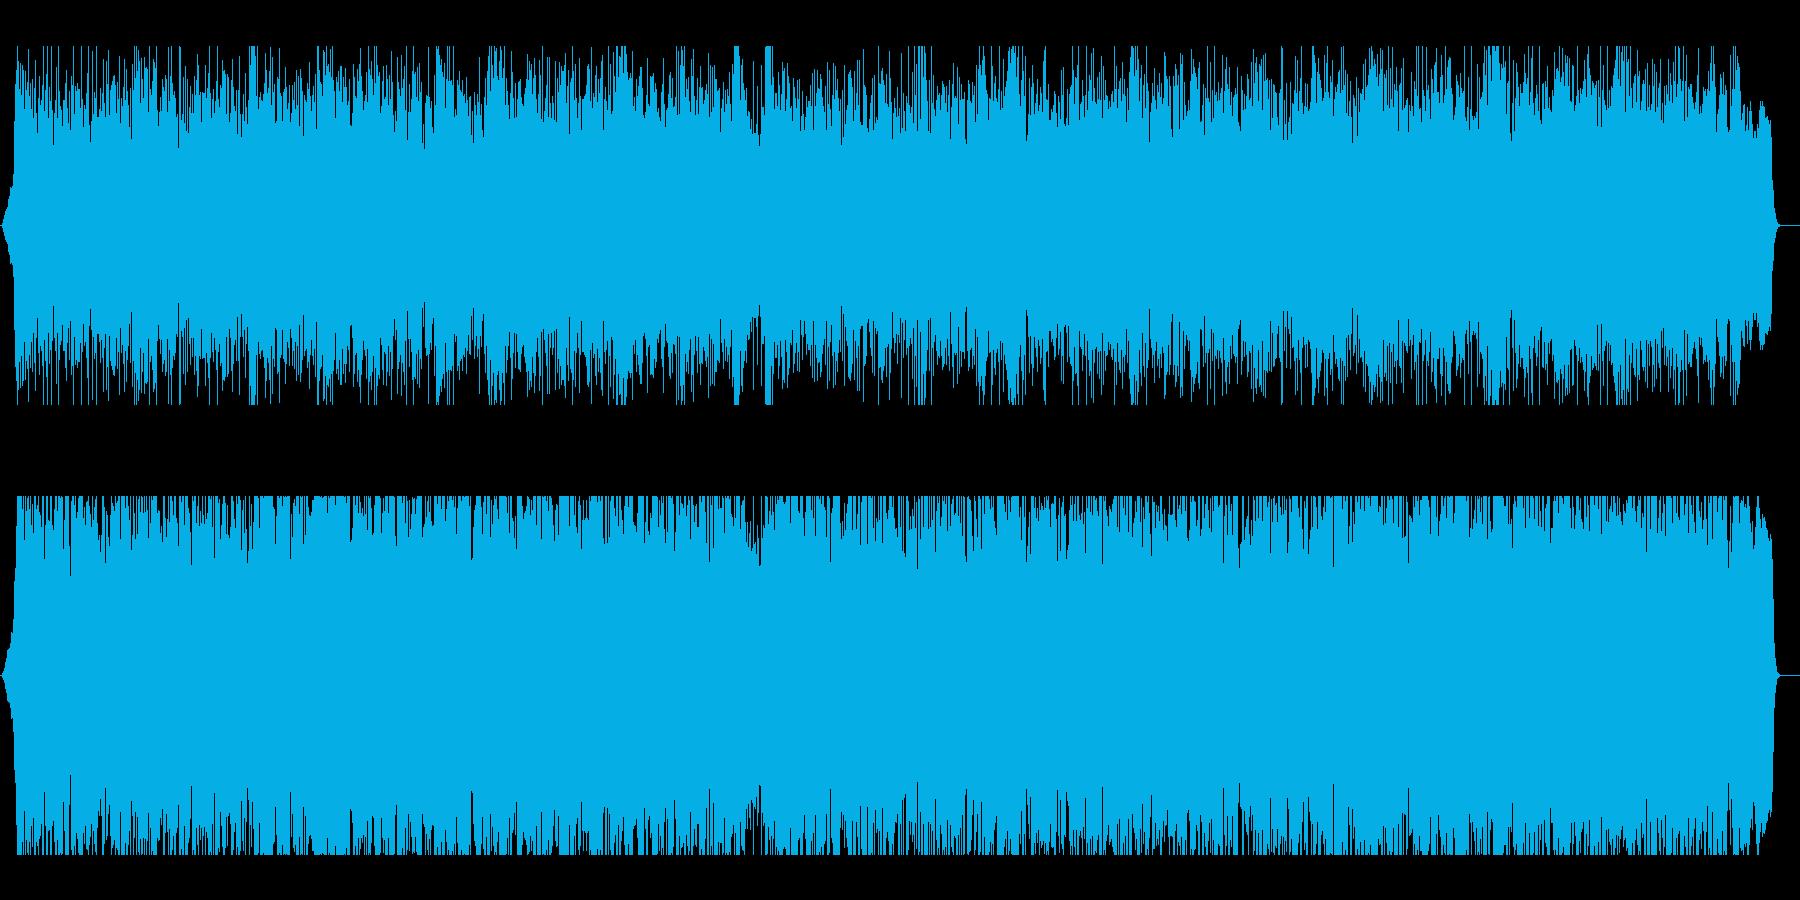 メタル系アップテンポBGMの再生済みの波形